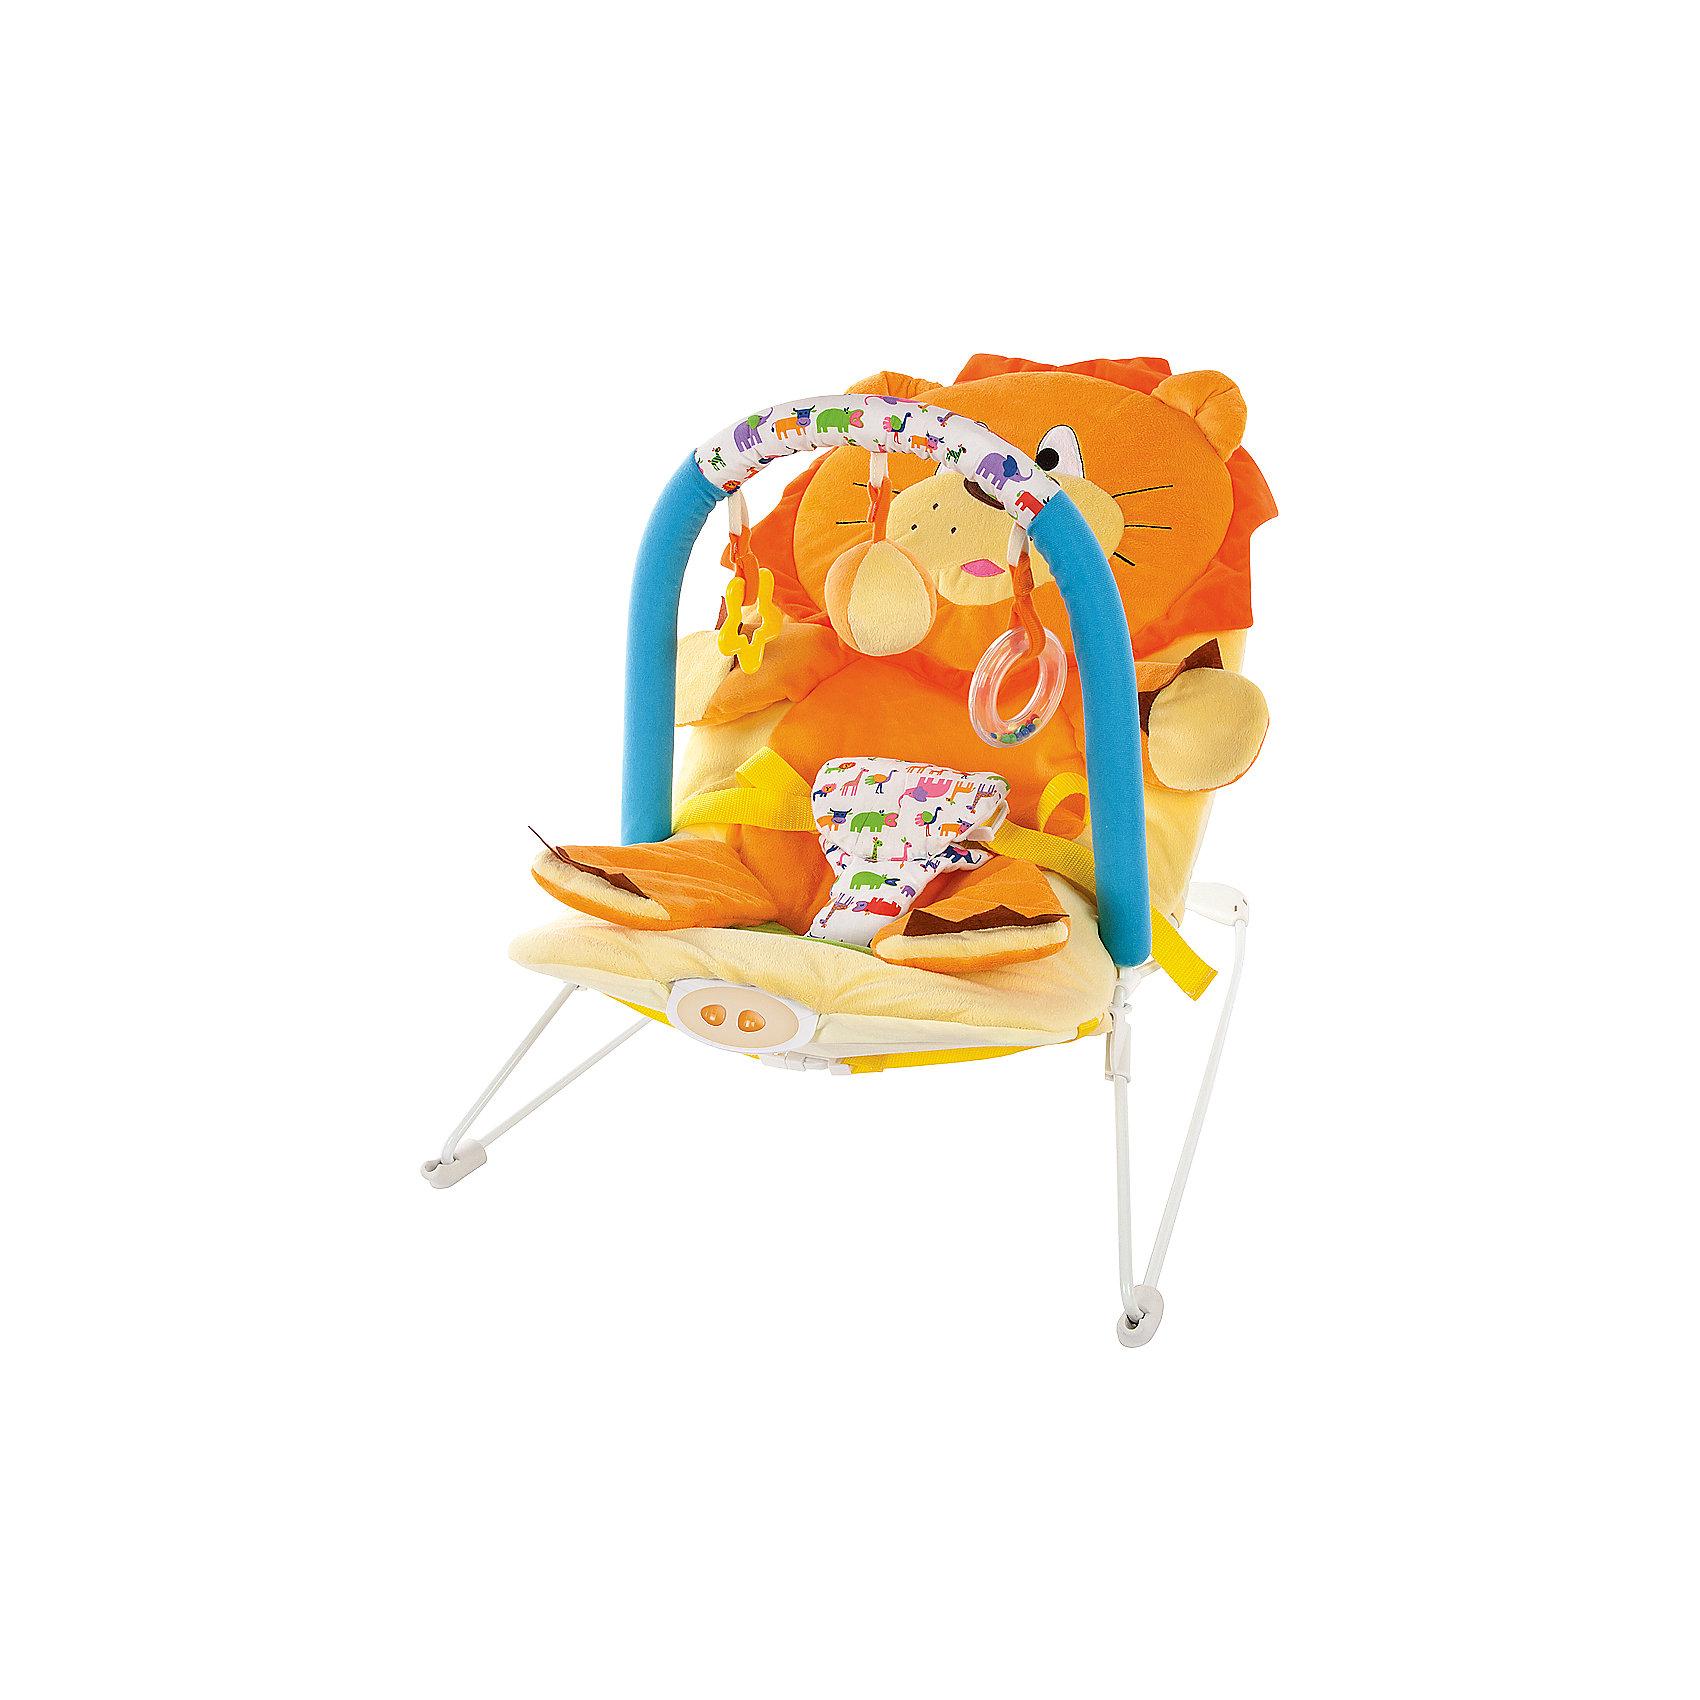 Кресло-качалка Жирафики Львёнок с вибрацией и музыкойКресла-качалки<br>Характеристики:<br><br>• дуга с тремя игрушками;<br>• анатомическое строение кресла;<br>• режим вибрации;<br>• встроенная музыка;<br>• трехточечные ремни;<br>• возраст: с рождения;<br>• материал: текстиль, пластик, металл;<br>• размер упаковки: 39х8х52 см;<br>• вес: 2,67 кг;<br>• страна бренда: Россия.<br><br>Кресло-качалка - хороший помощник для родителей. Оно развлечет и успокоит малыша, пока мама занимается своими делами. <br><br>Кресло имеет дугу с тремя развивающими игрушками, которые малыш с интересом будет рассматривать и хватать ручками.<br><br>Встроенная музыка и режим вибрации помогут успокоить малыша, если он расстроен. Для безопасности ребенка предусмотрены трехточечные ремни.<br><br>Кресло подходит для детей с рождения. Оно имеет анатомическую форму, удобную для положения полулёжа.<br><br>Кресло-качалку Львёнок с 3-мя игрушками, вибрацией и музыкой, Жирафики можно купить в нашем интернет-магазине.<br><br>Ширина мм: 520<br>Глубина мм: 80<br>Высота мм: 390<br>Вес г: 2667<br>Возраст от месяцев: 3<br>Возраст до месяцев: 2147483647<br>Пол: Унисекс<br>Возраст: Детский<br>SKU: 6846899